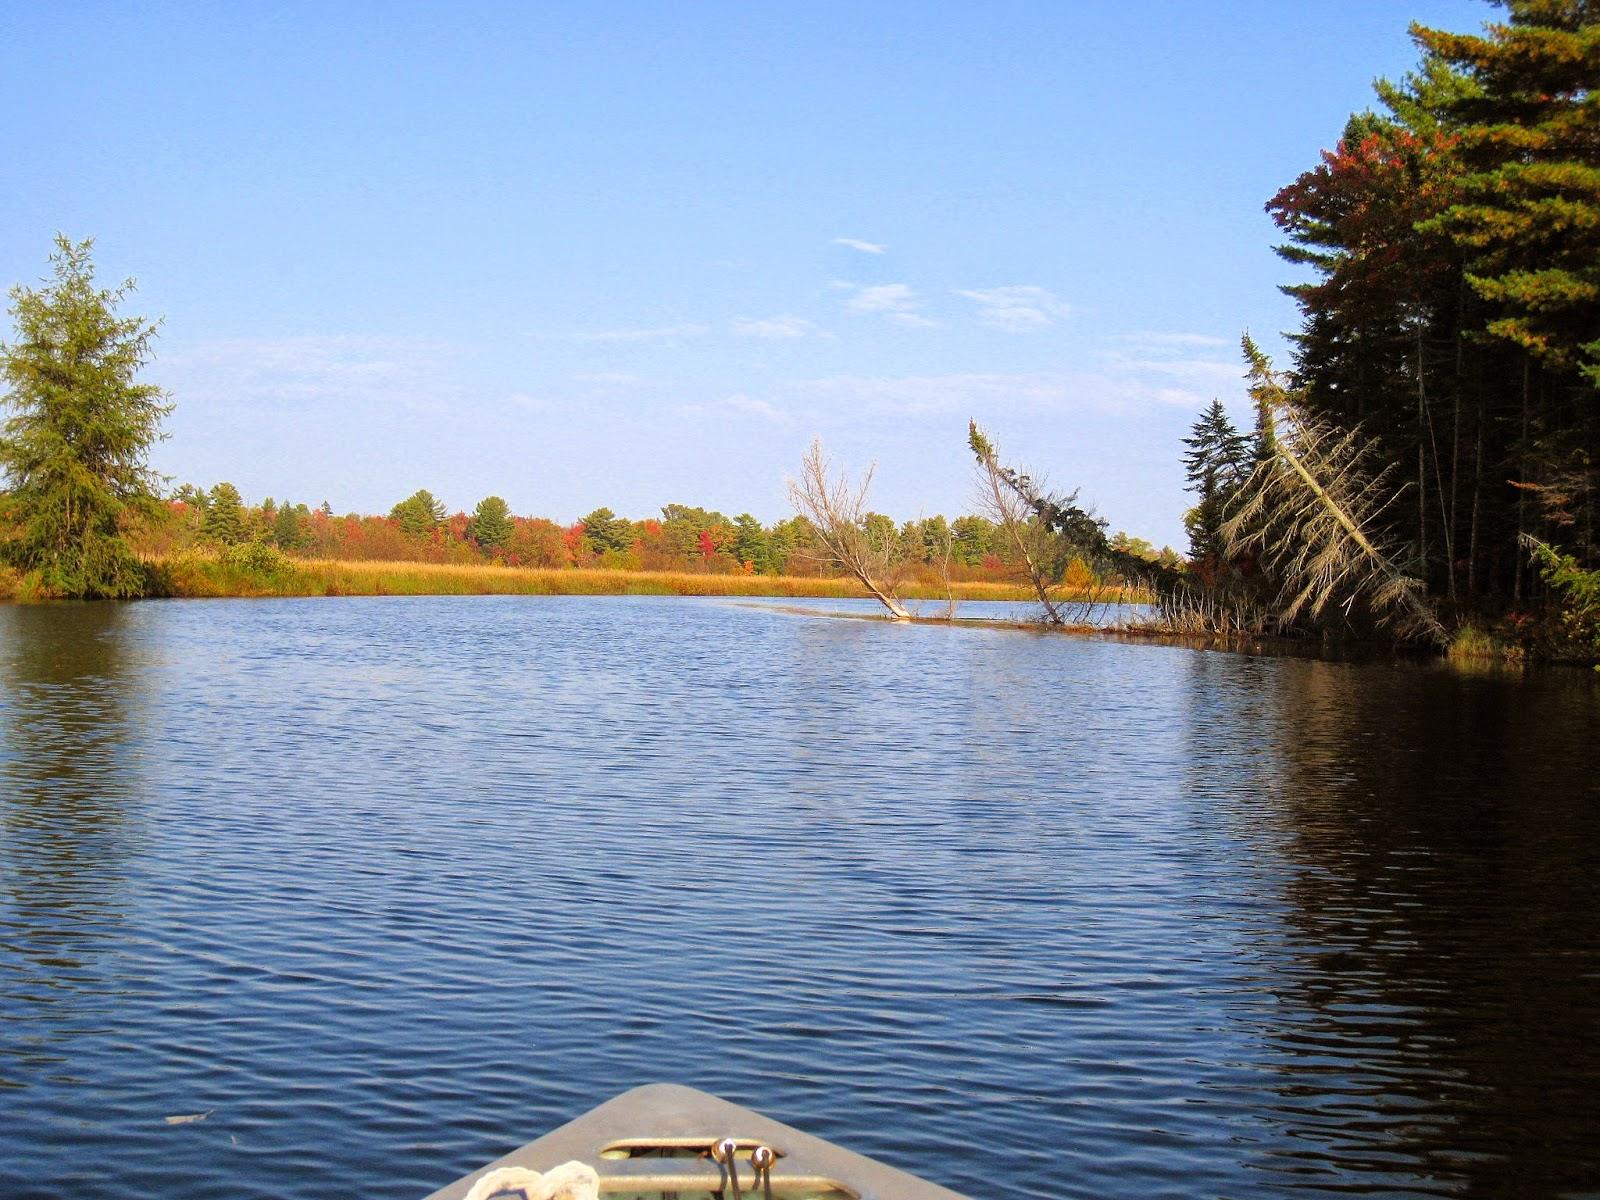 Touring the Tahquamenon River